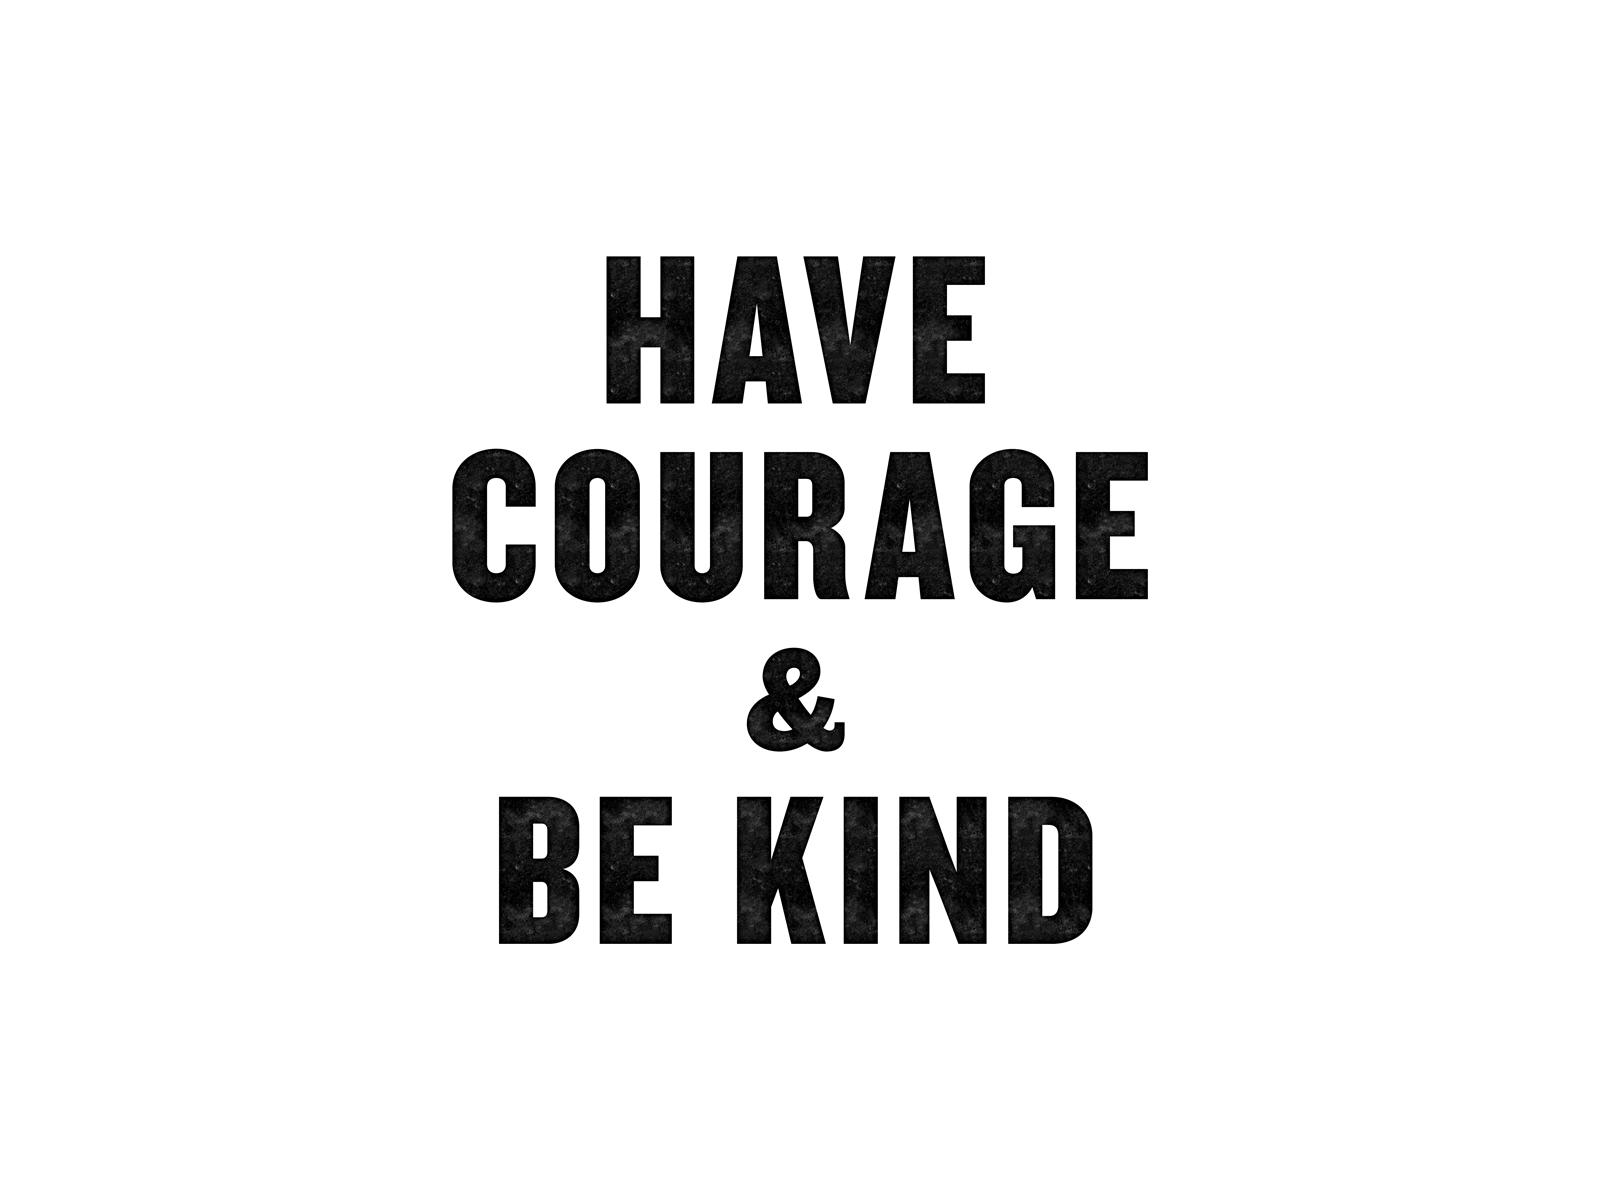 Havecourage